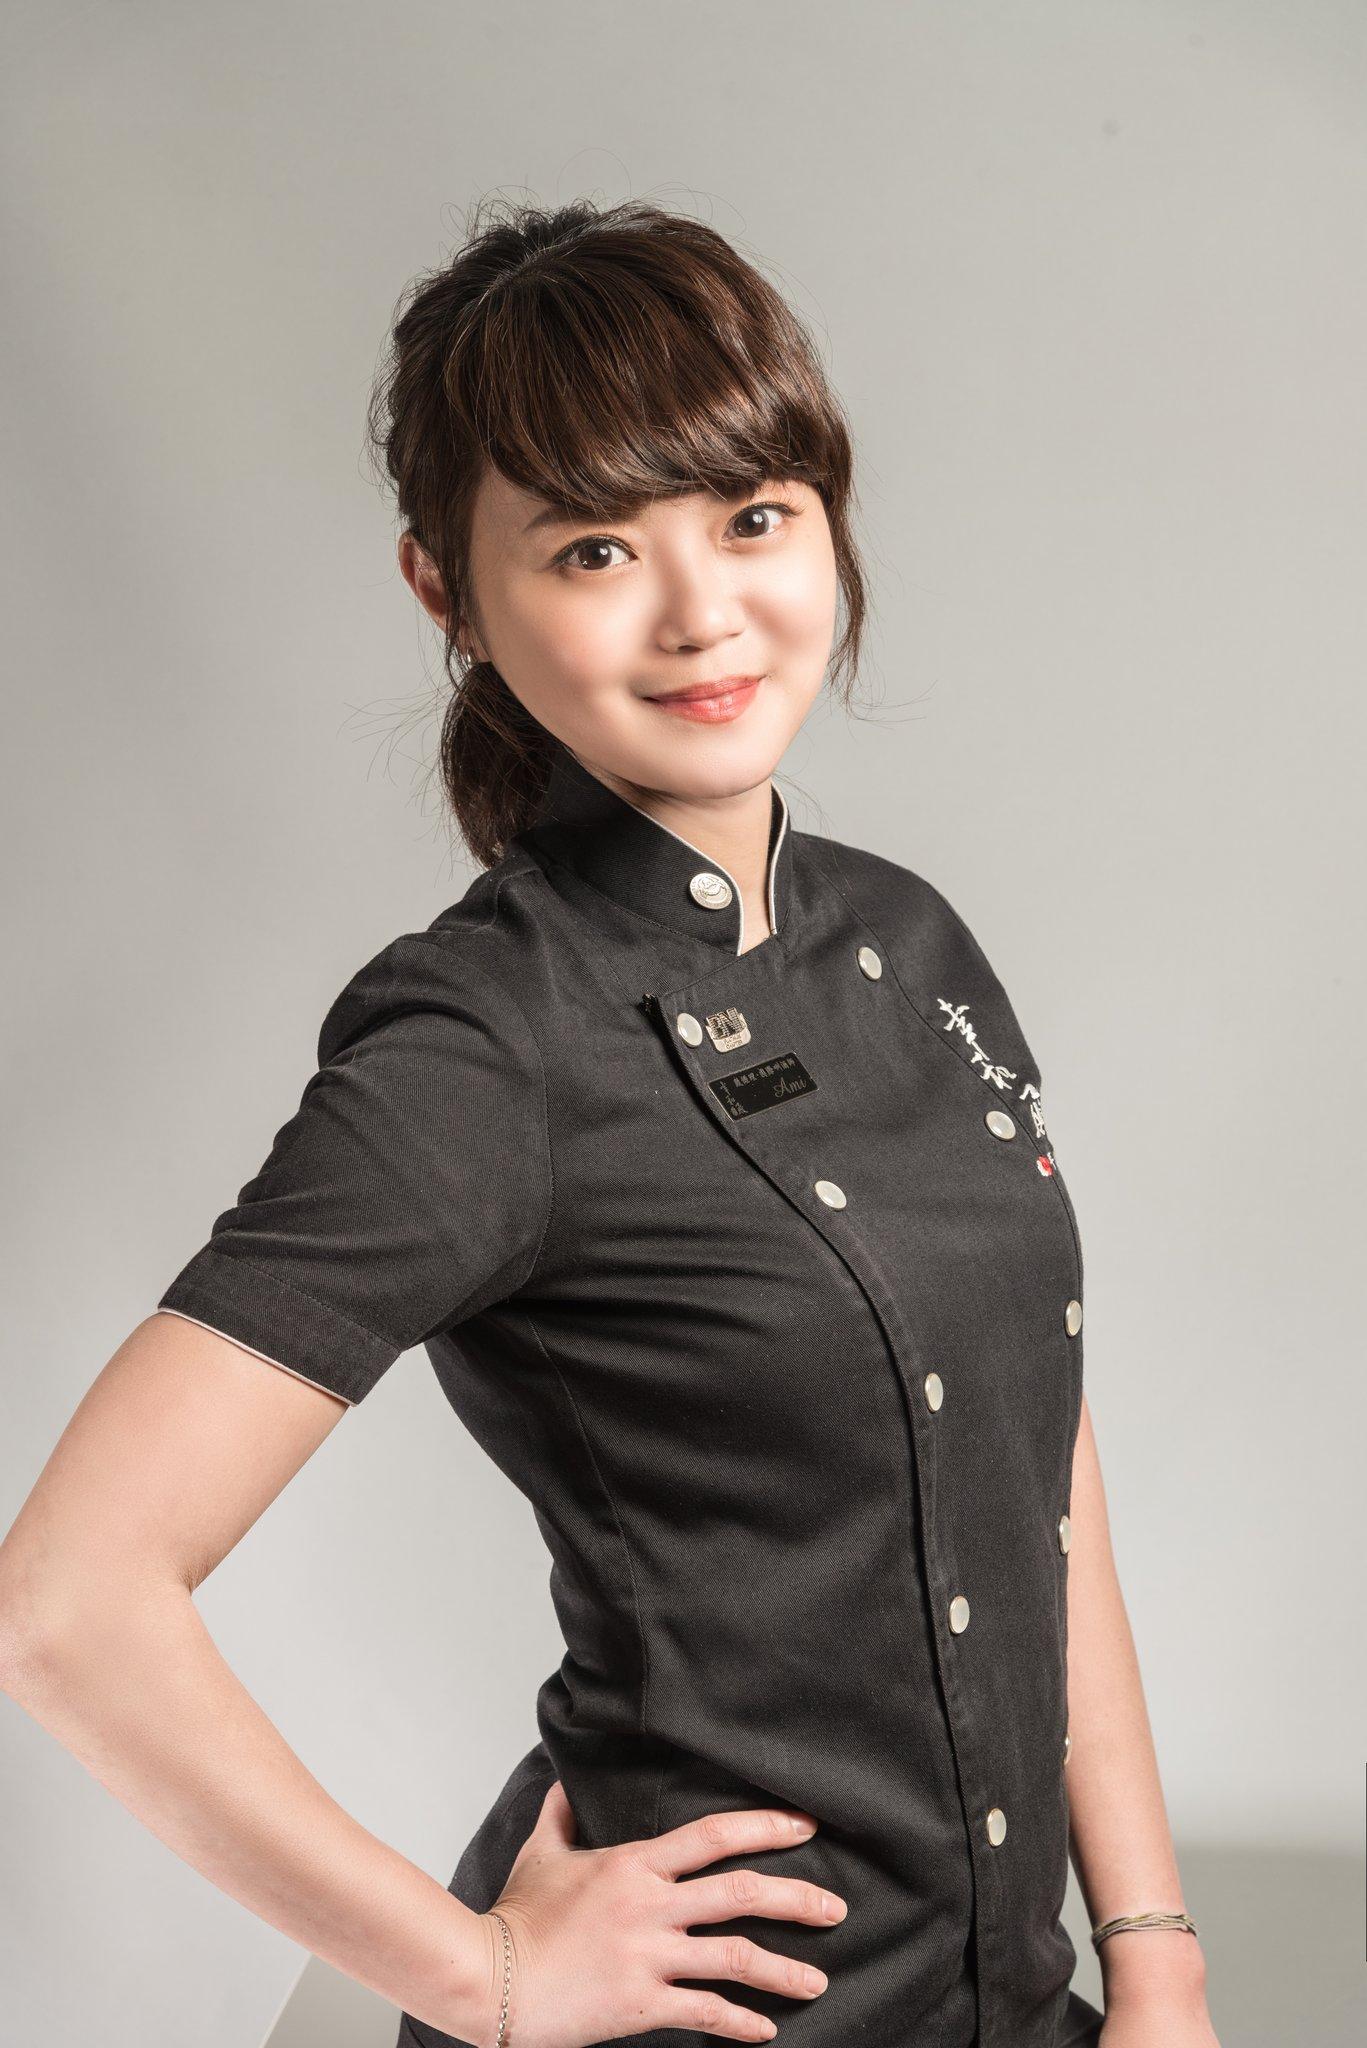 化妝服務 單次彩妝設計 日式料理老闆娘 Ami